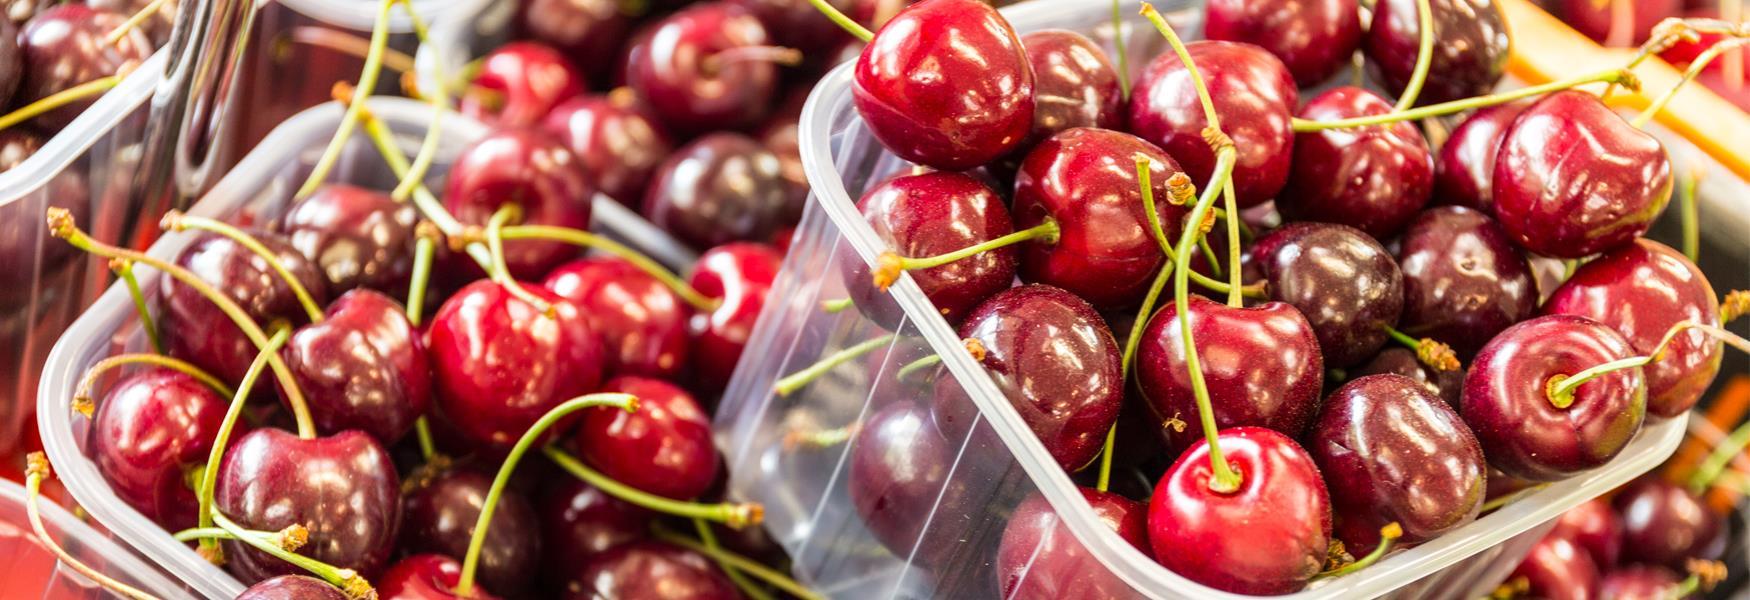 Cherries at the Farm Gate